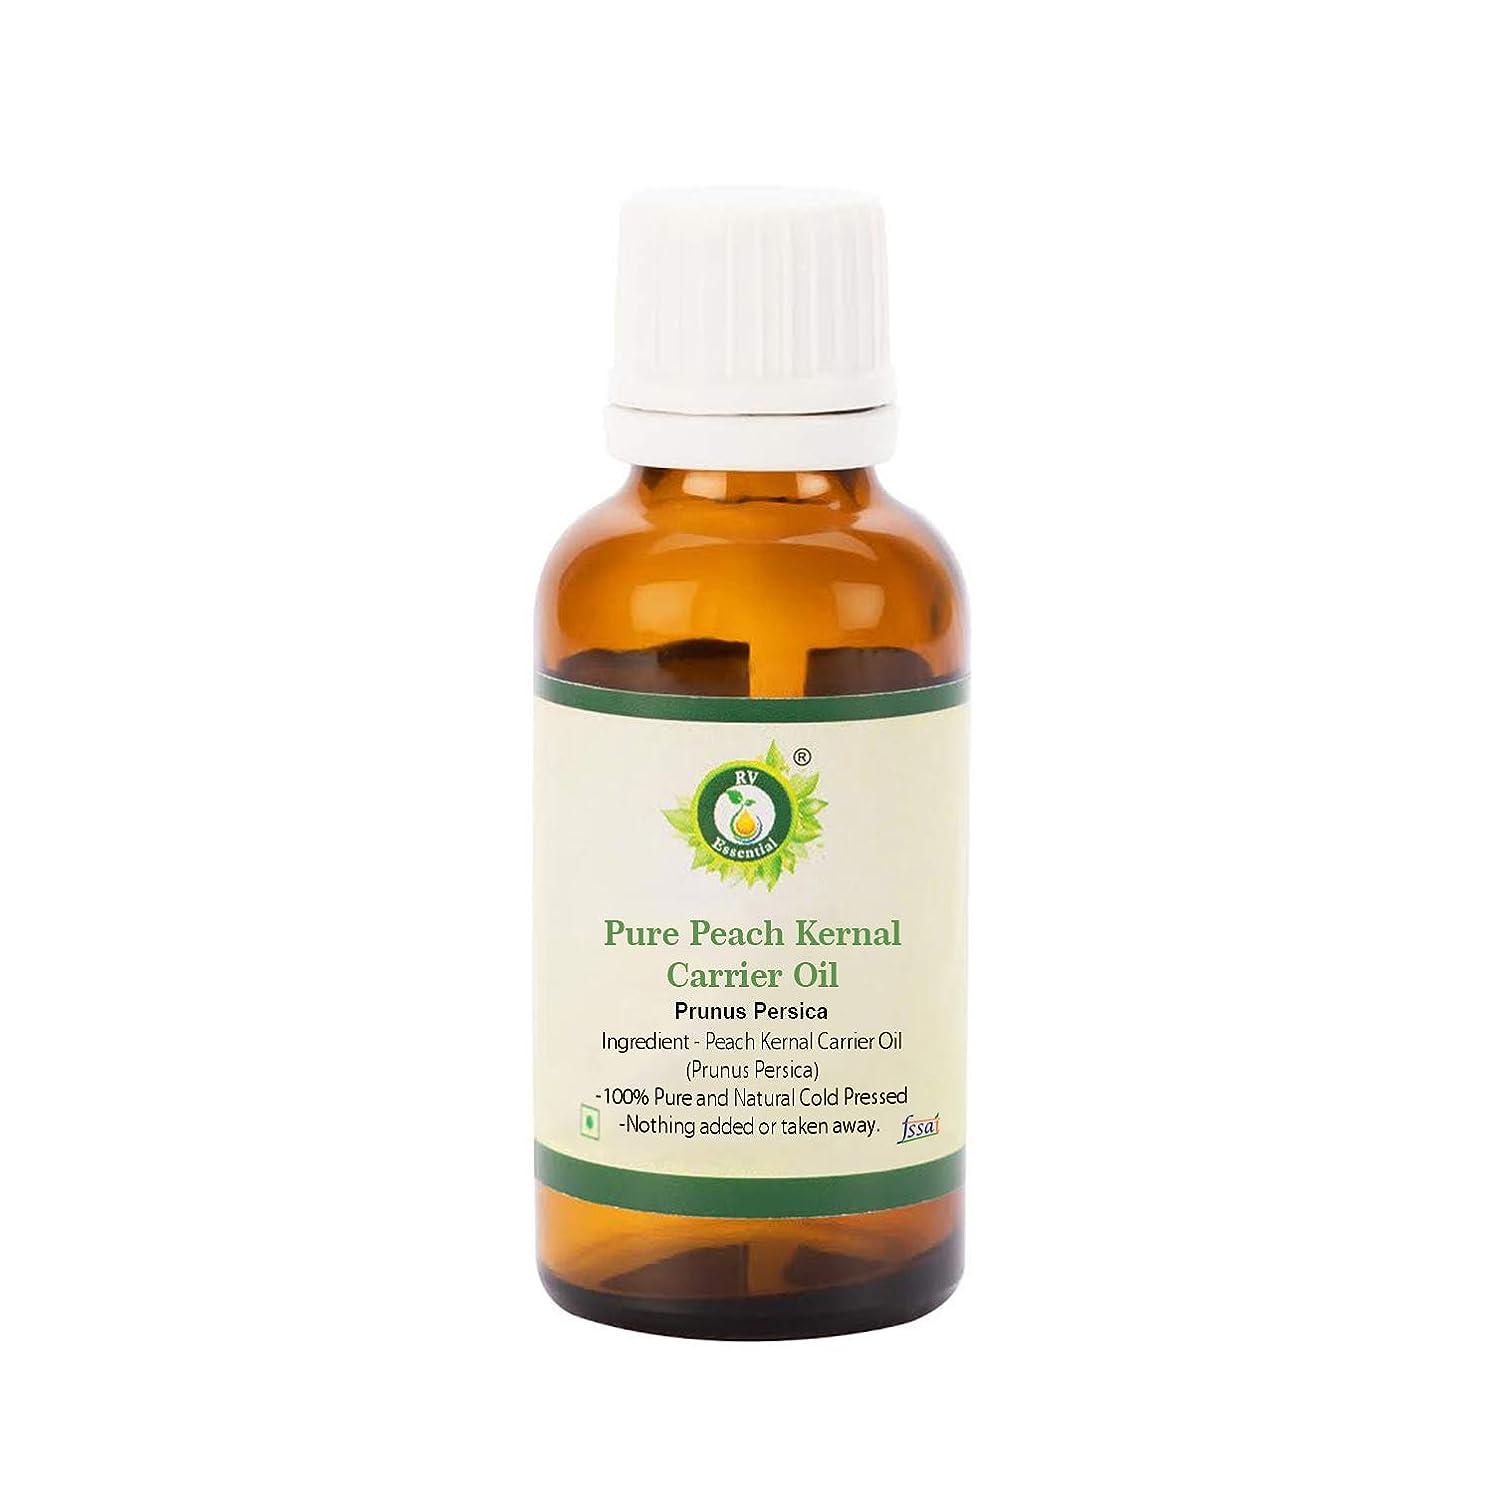 同盟不毛ずっとR V Essential ピュアピーチ Kernalキャリアオイル5ml (0.169oz)- Prunus Persica (100%ピュア&ナチュラルコールドPressed) Pure Peach Kernal Carrier Oil